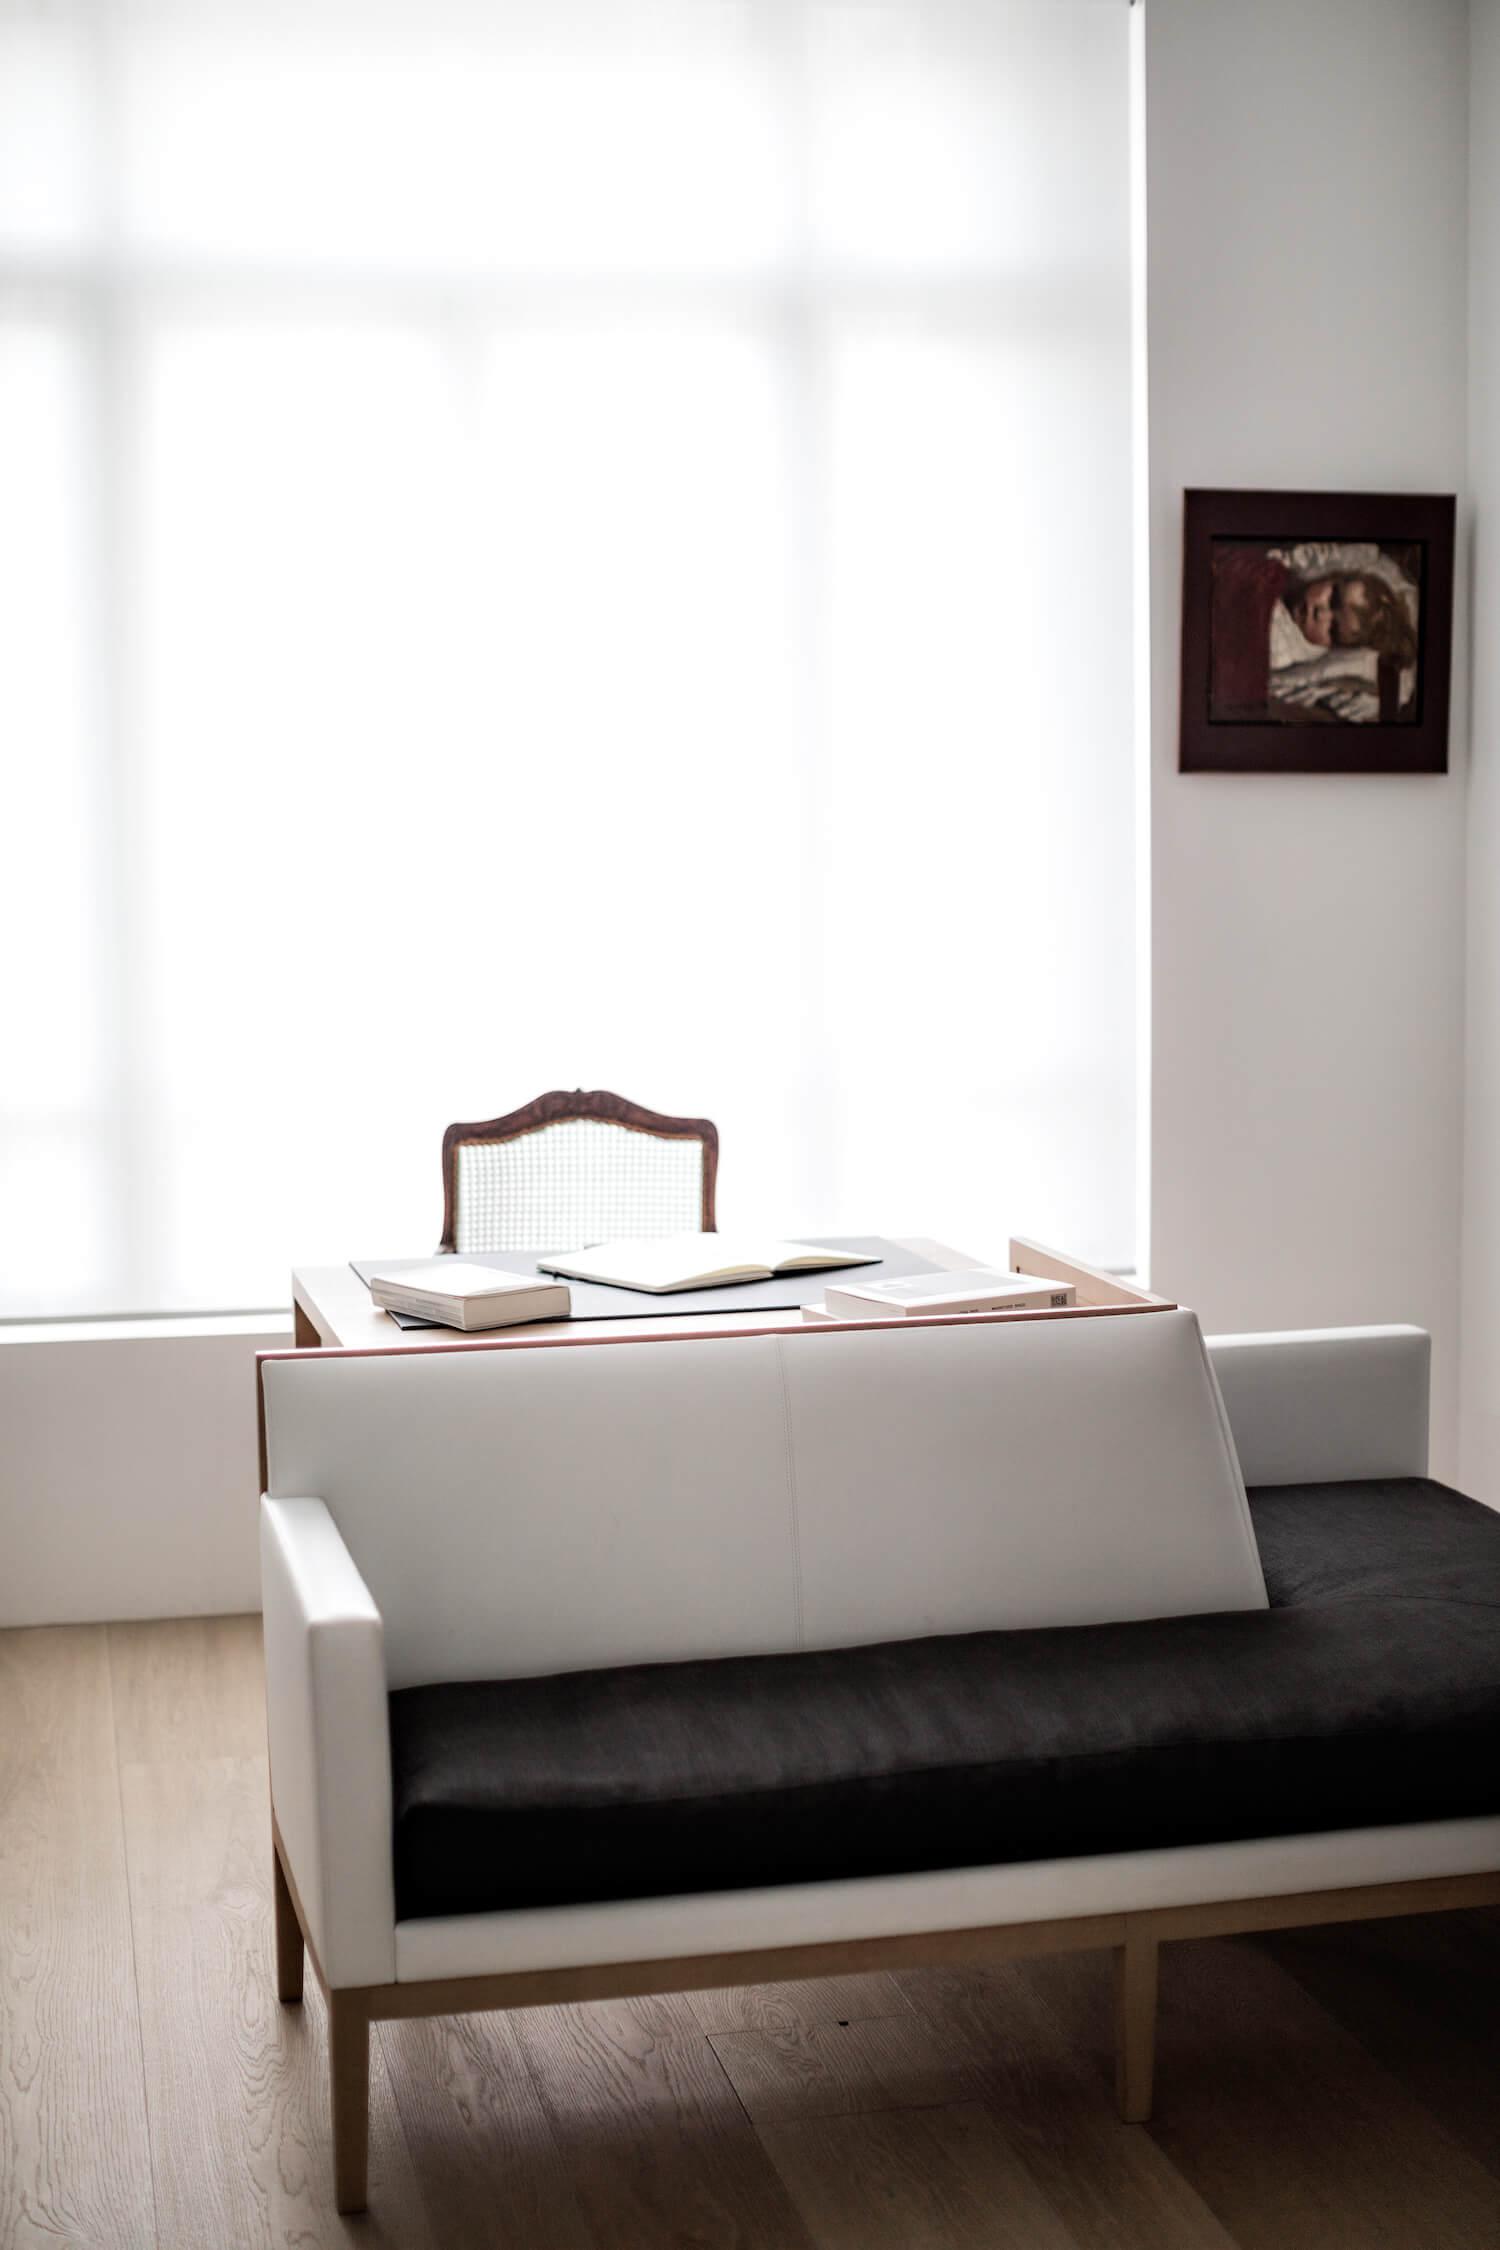 est living interiors frederic berthier saint germain apartment 11